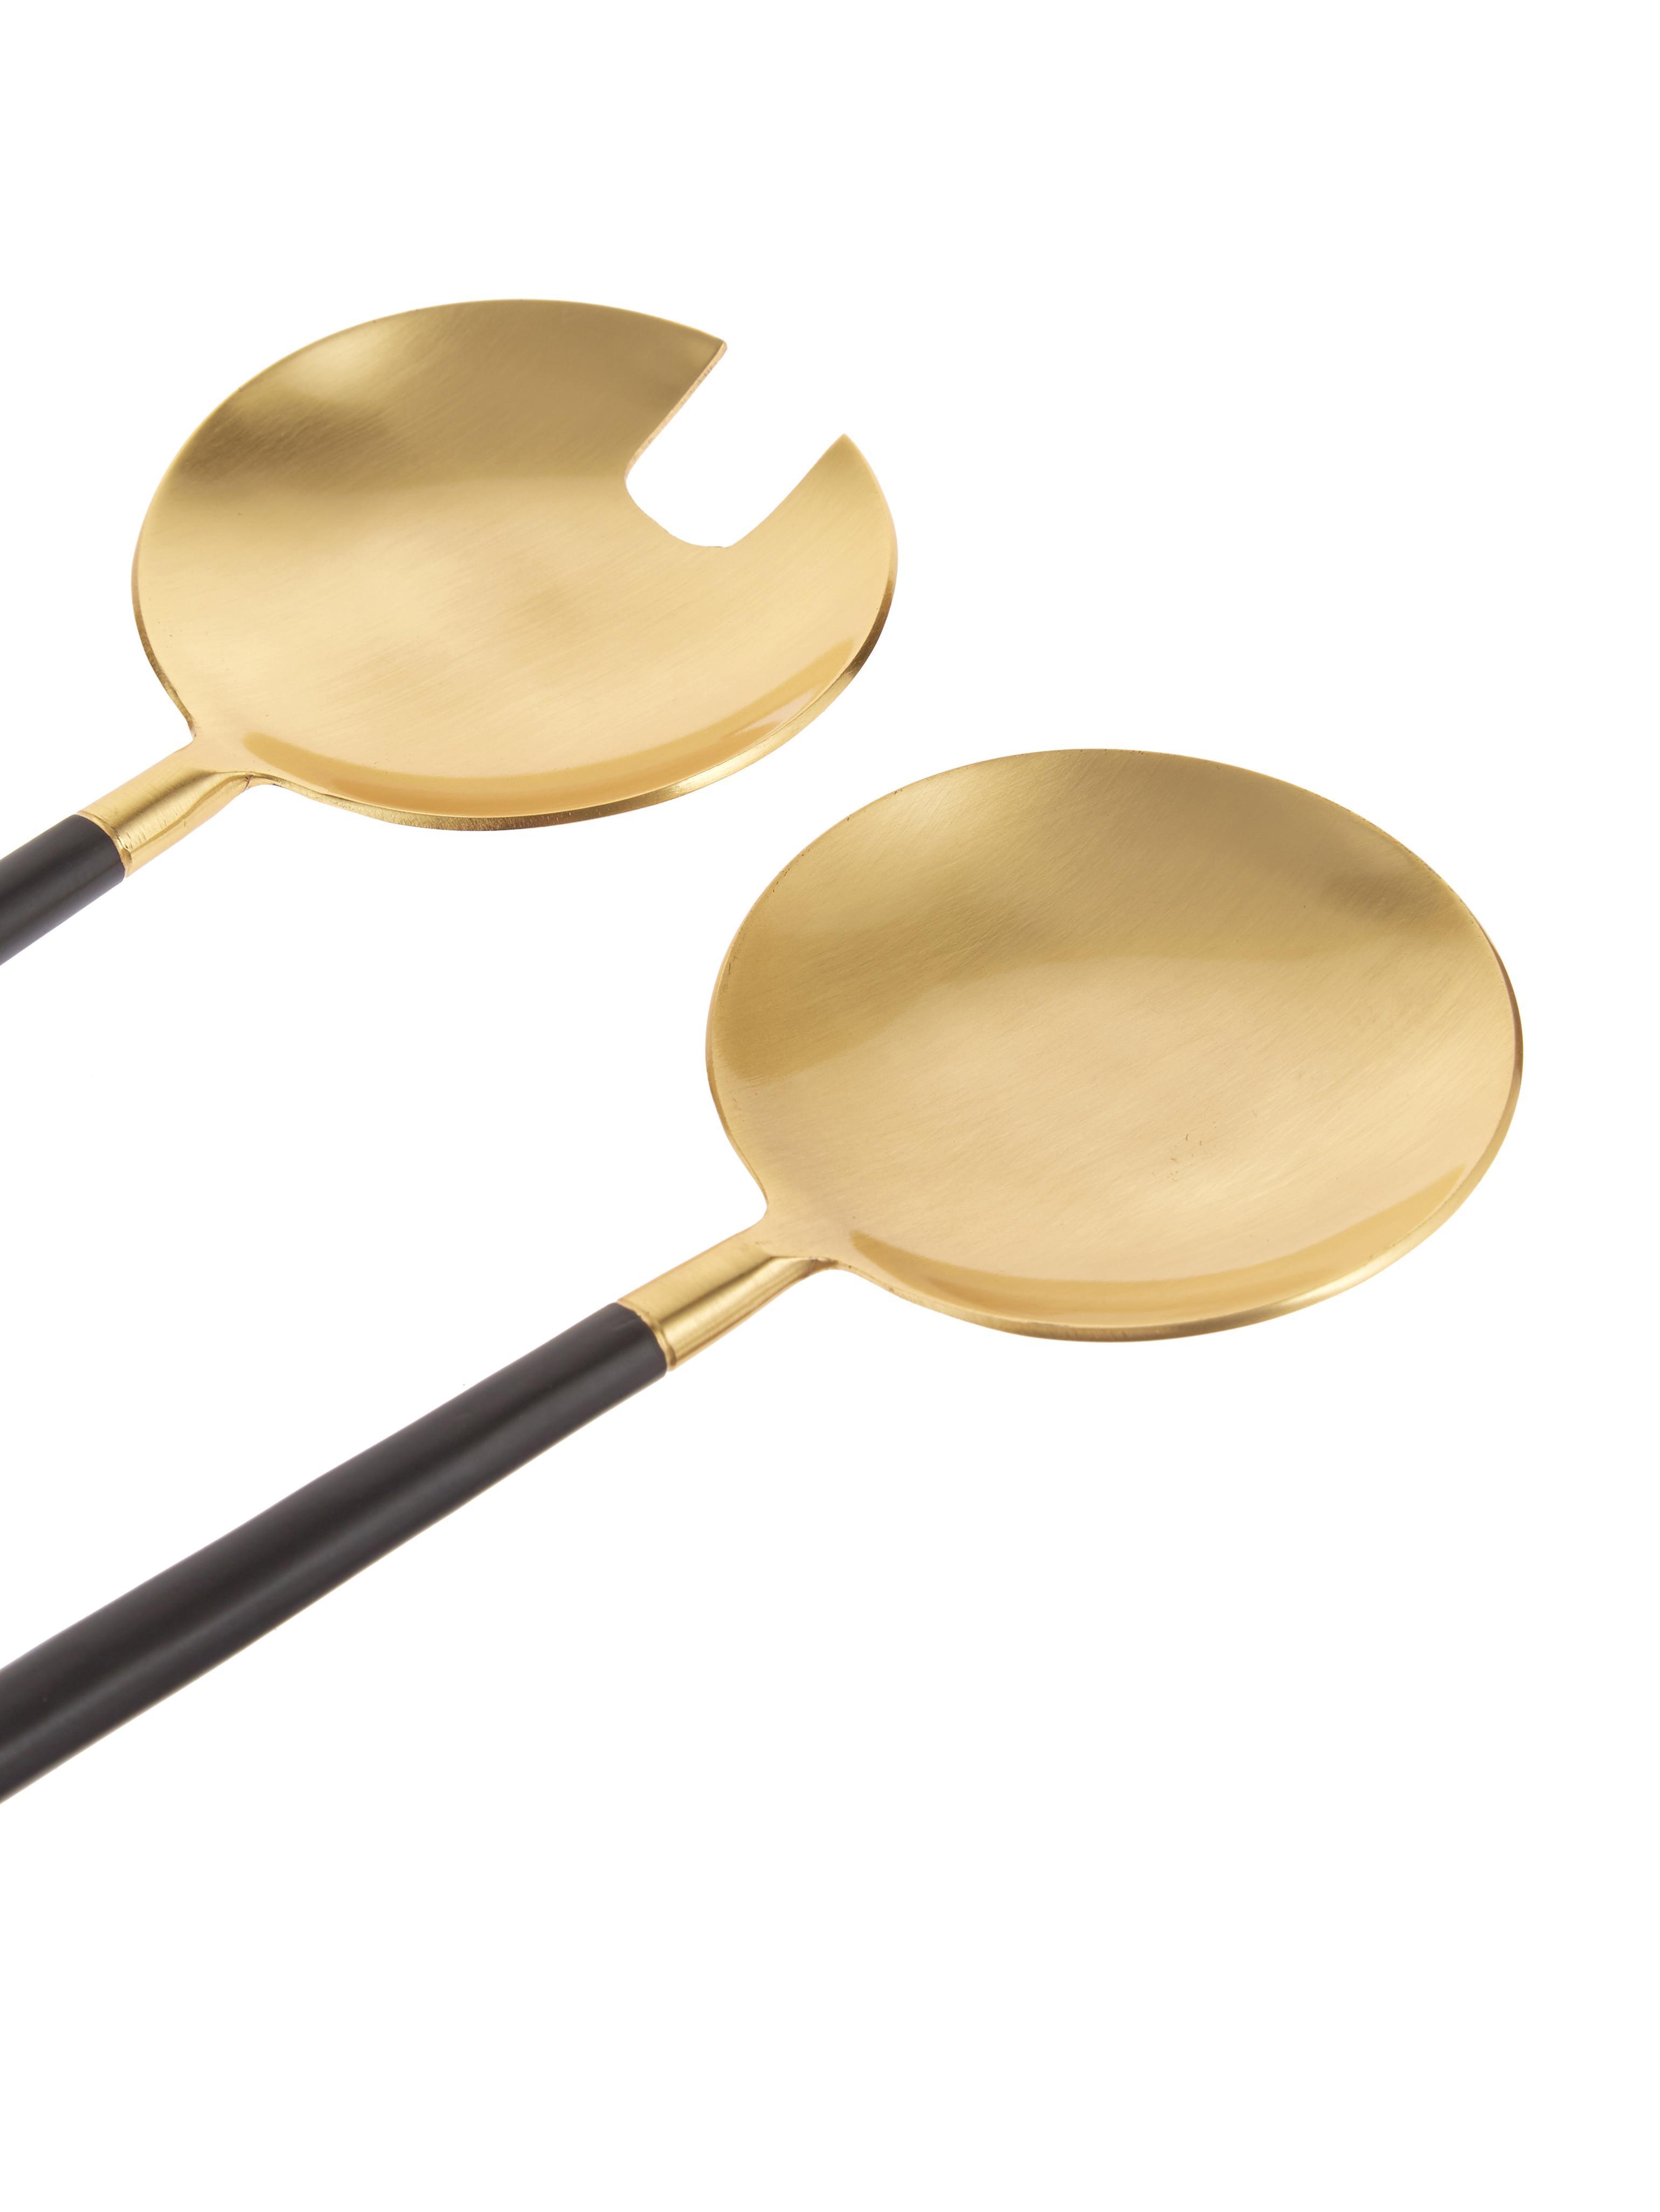 Couverts à salade dorés avec manche noire Amine, 2élém., Noir, couleur dorée